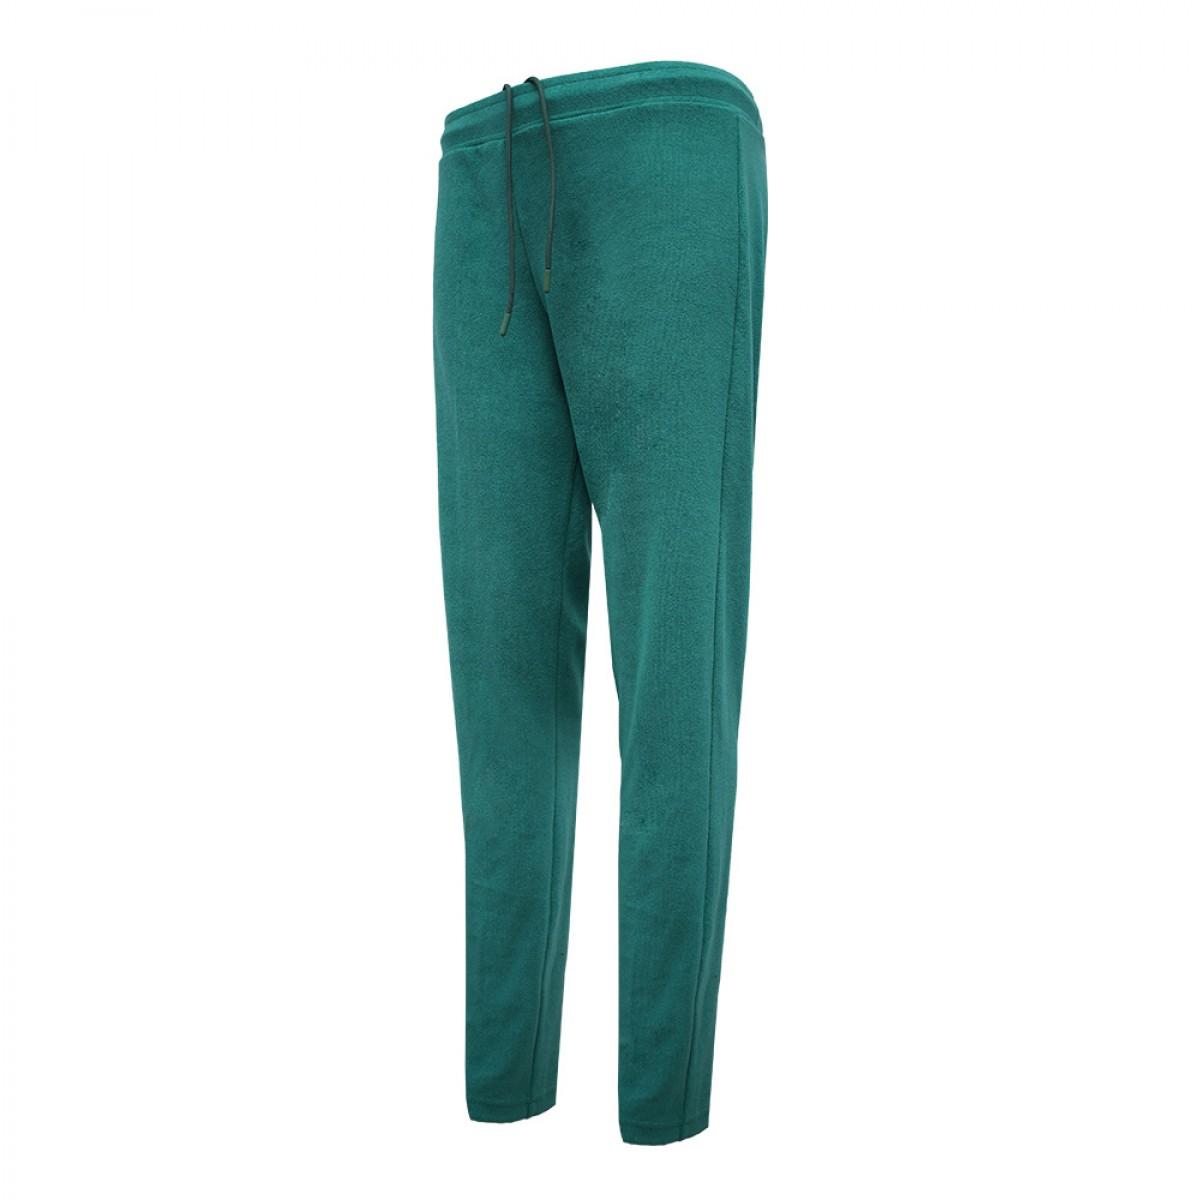 women-knitted-thick-trouser-kktt16932-6b